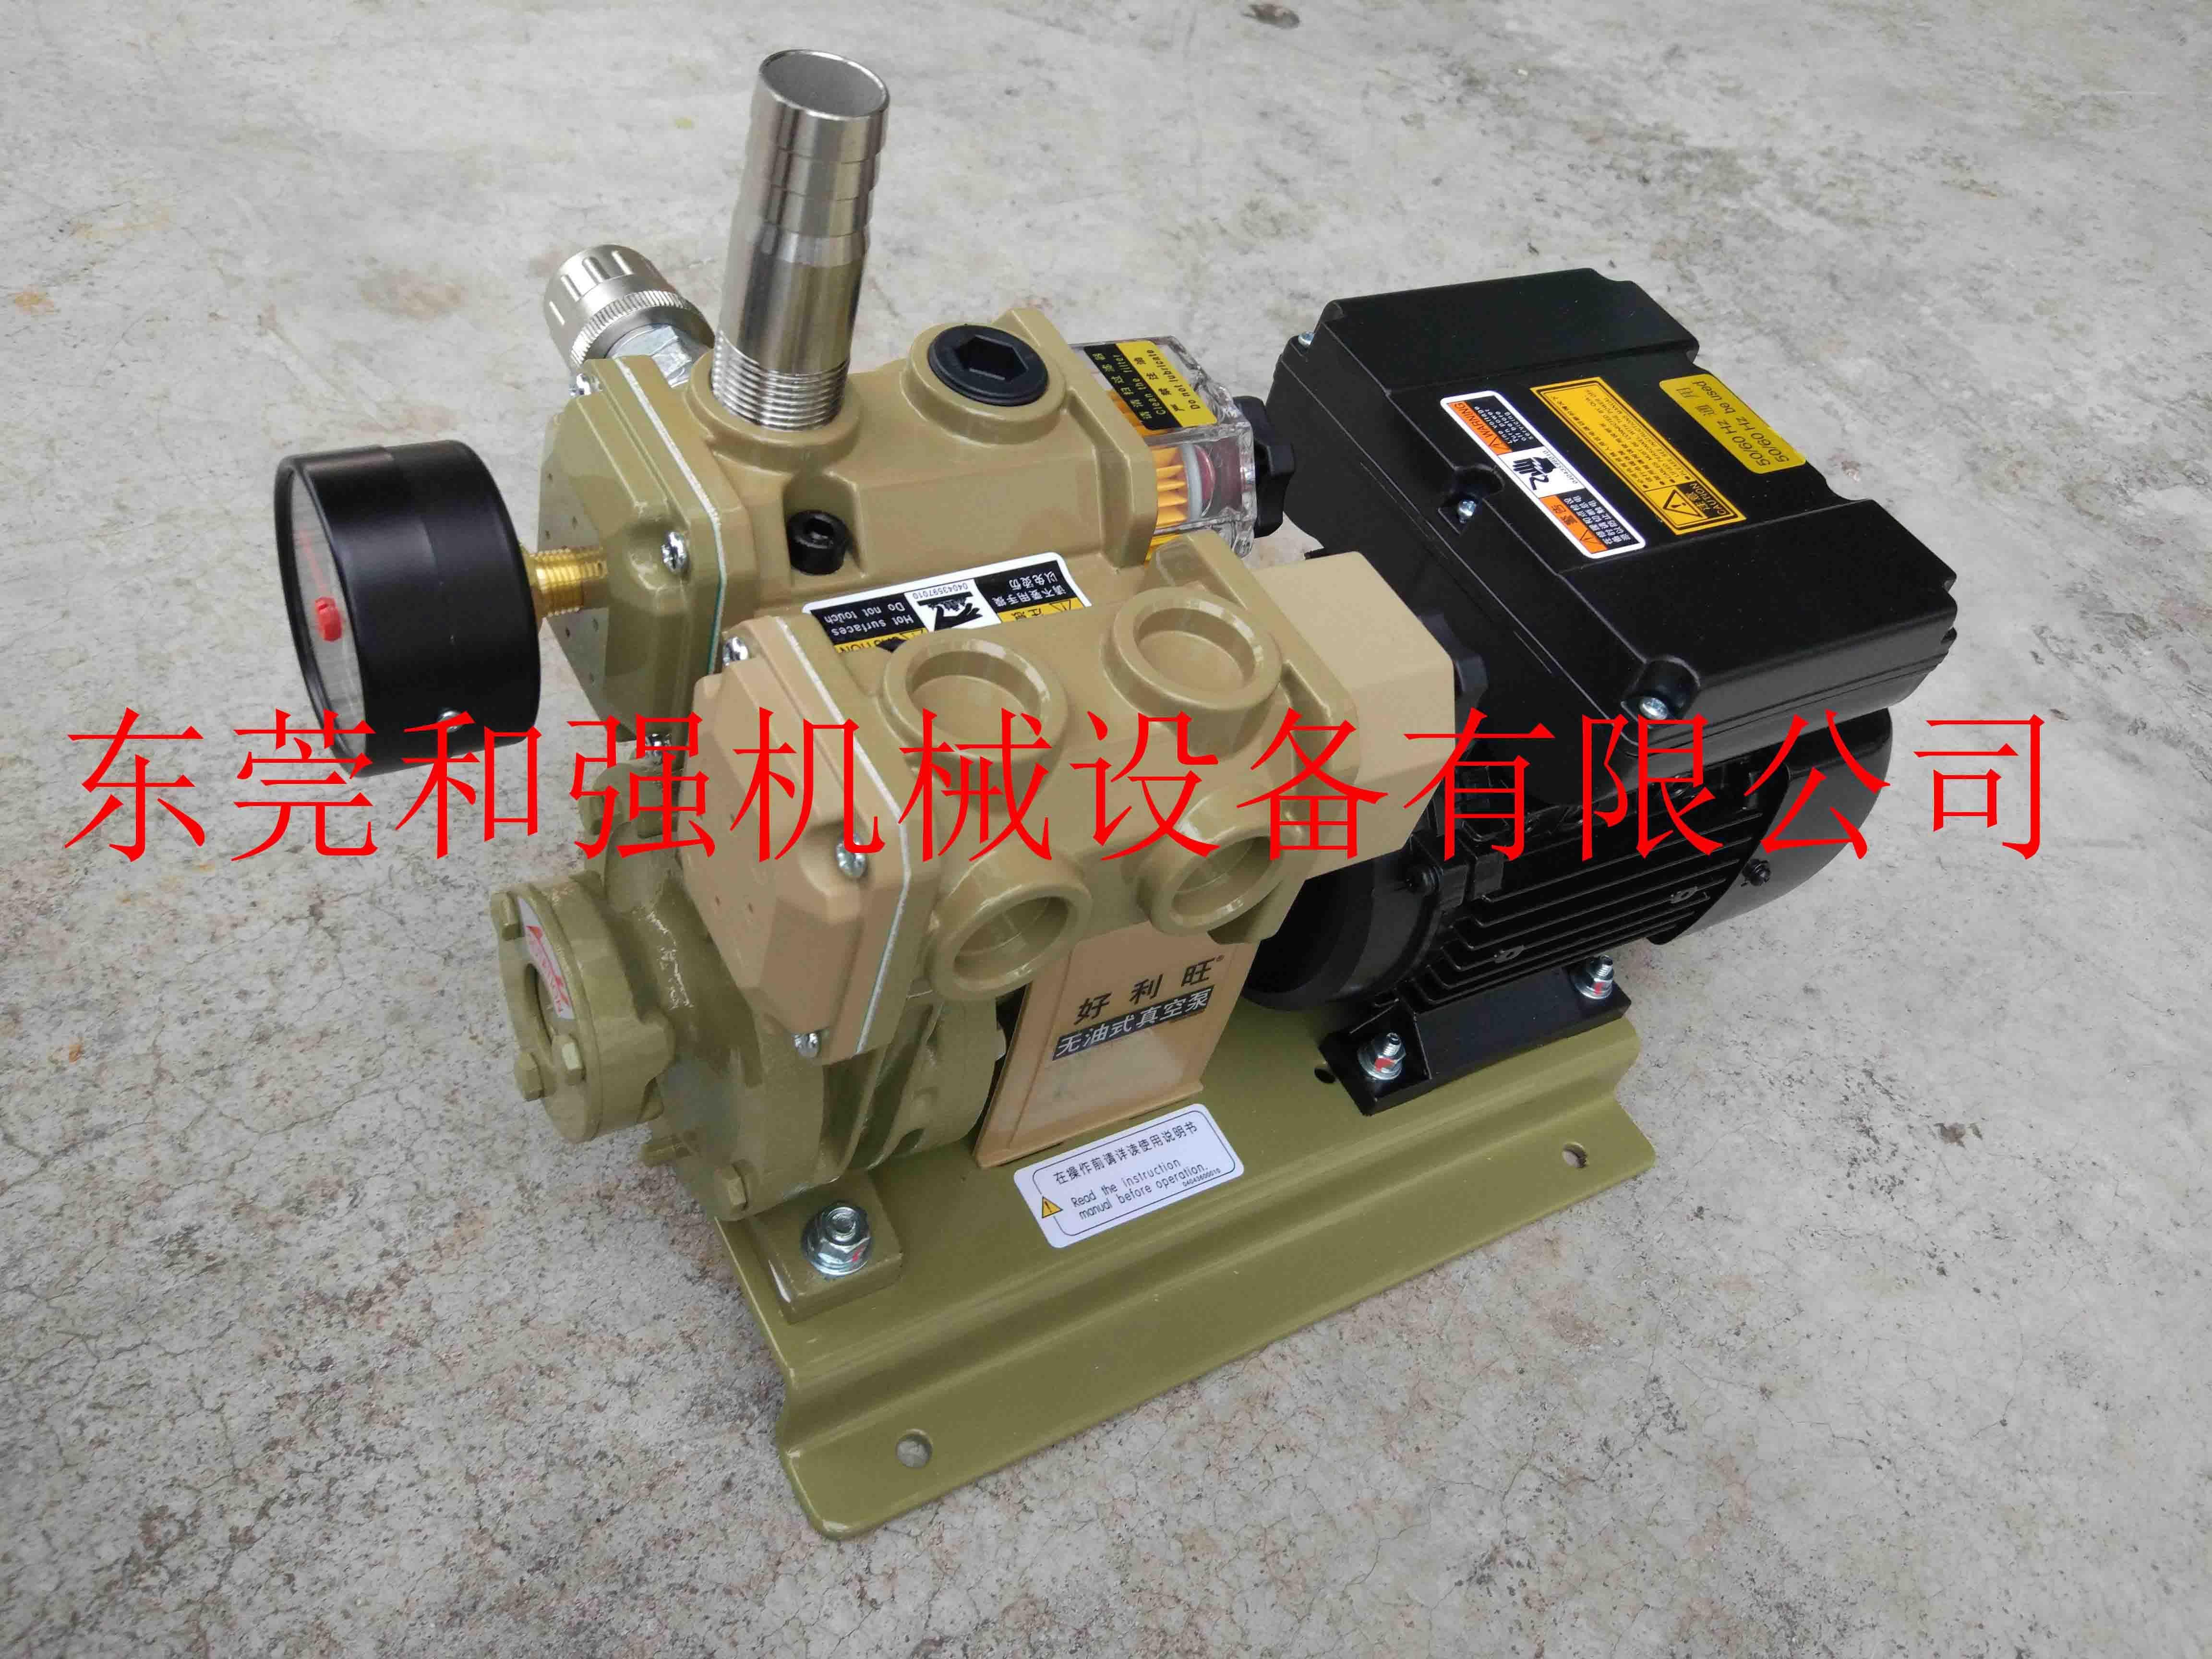 好利旺KRX1-P-V-01真空泵印刷机无油泵检测包装风泵气泵单吸泵LED分光机